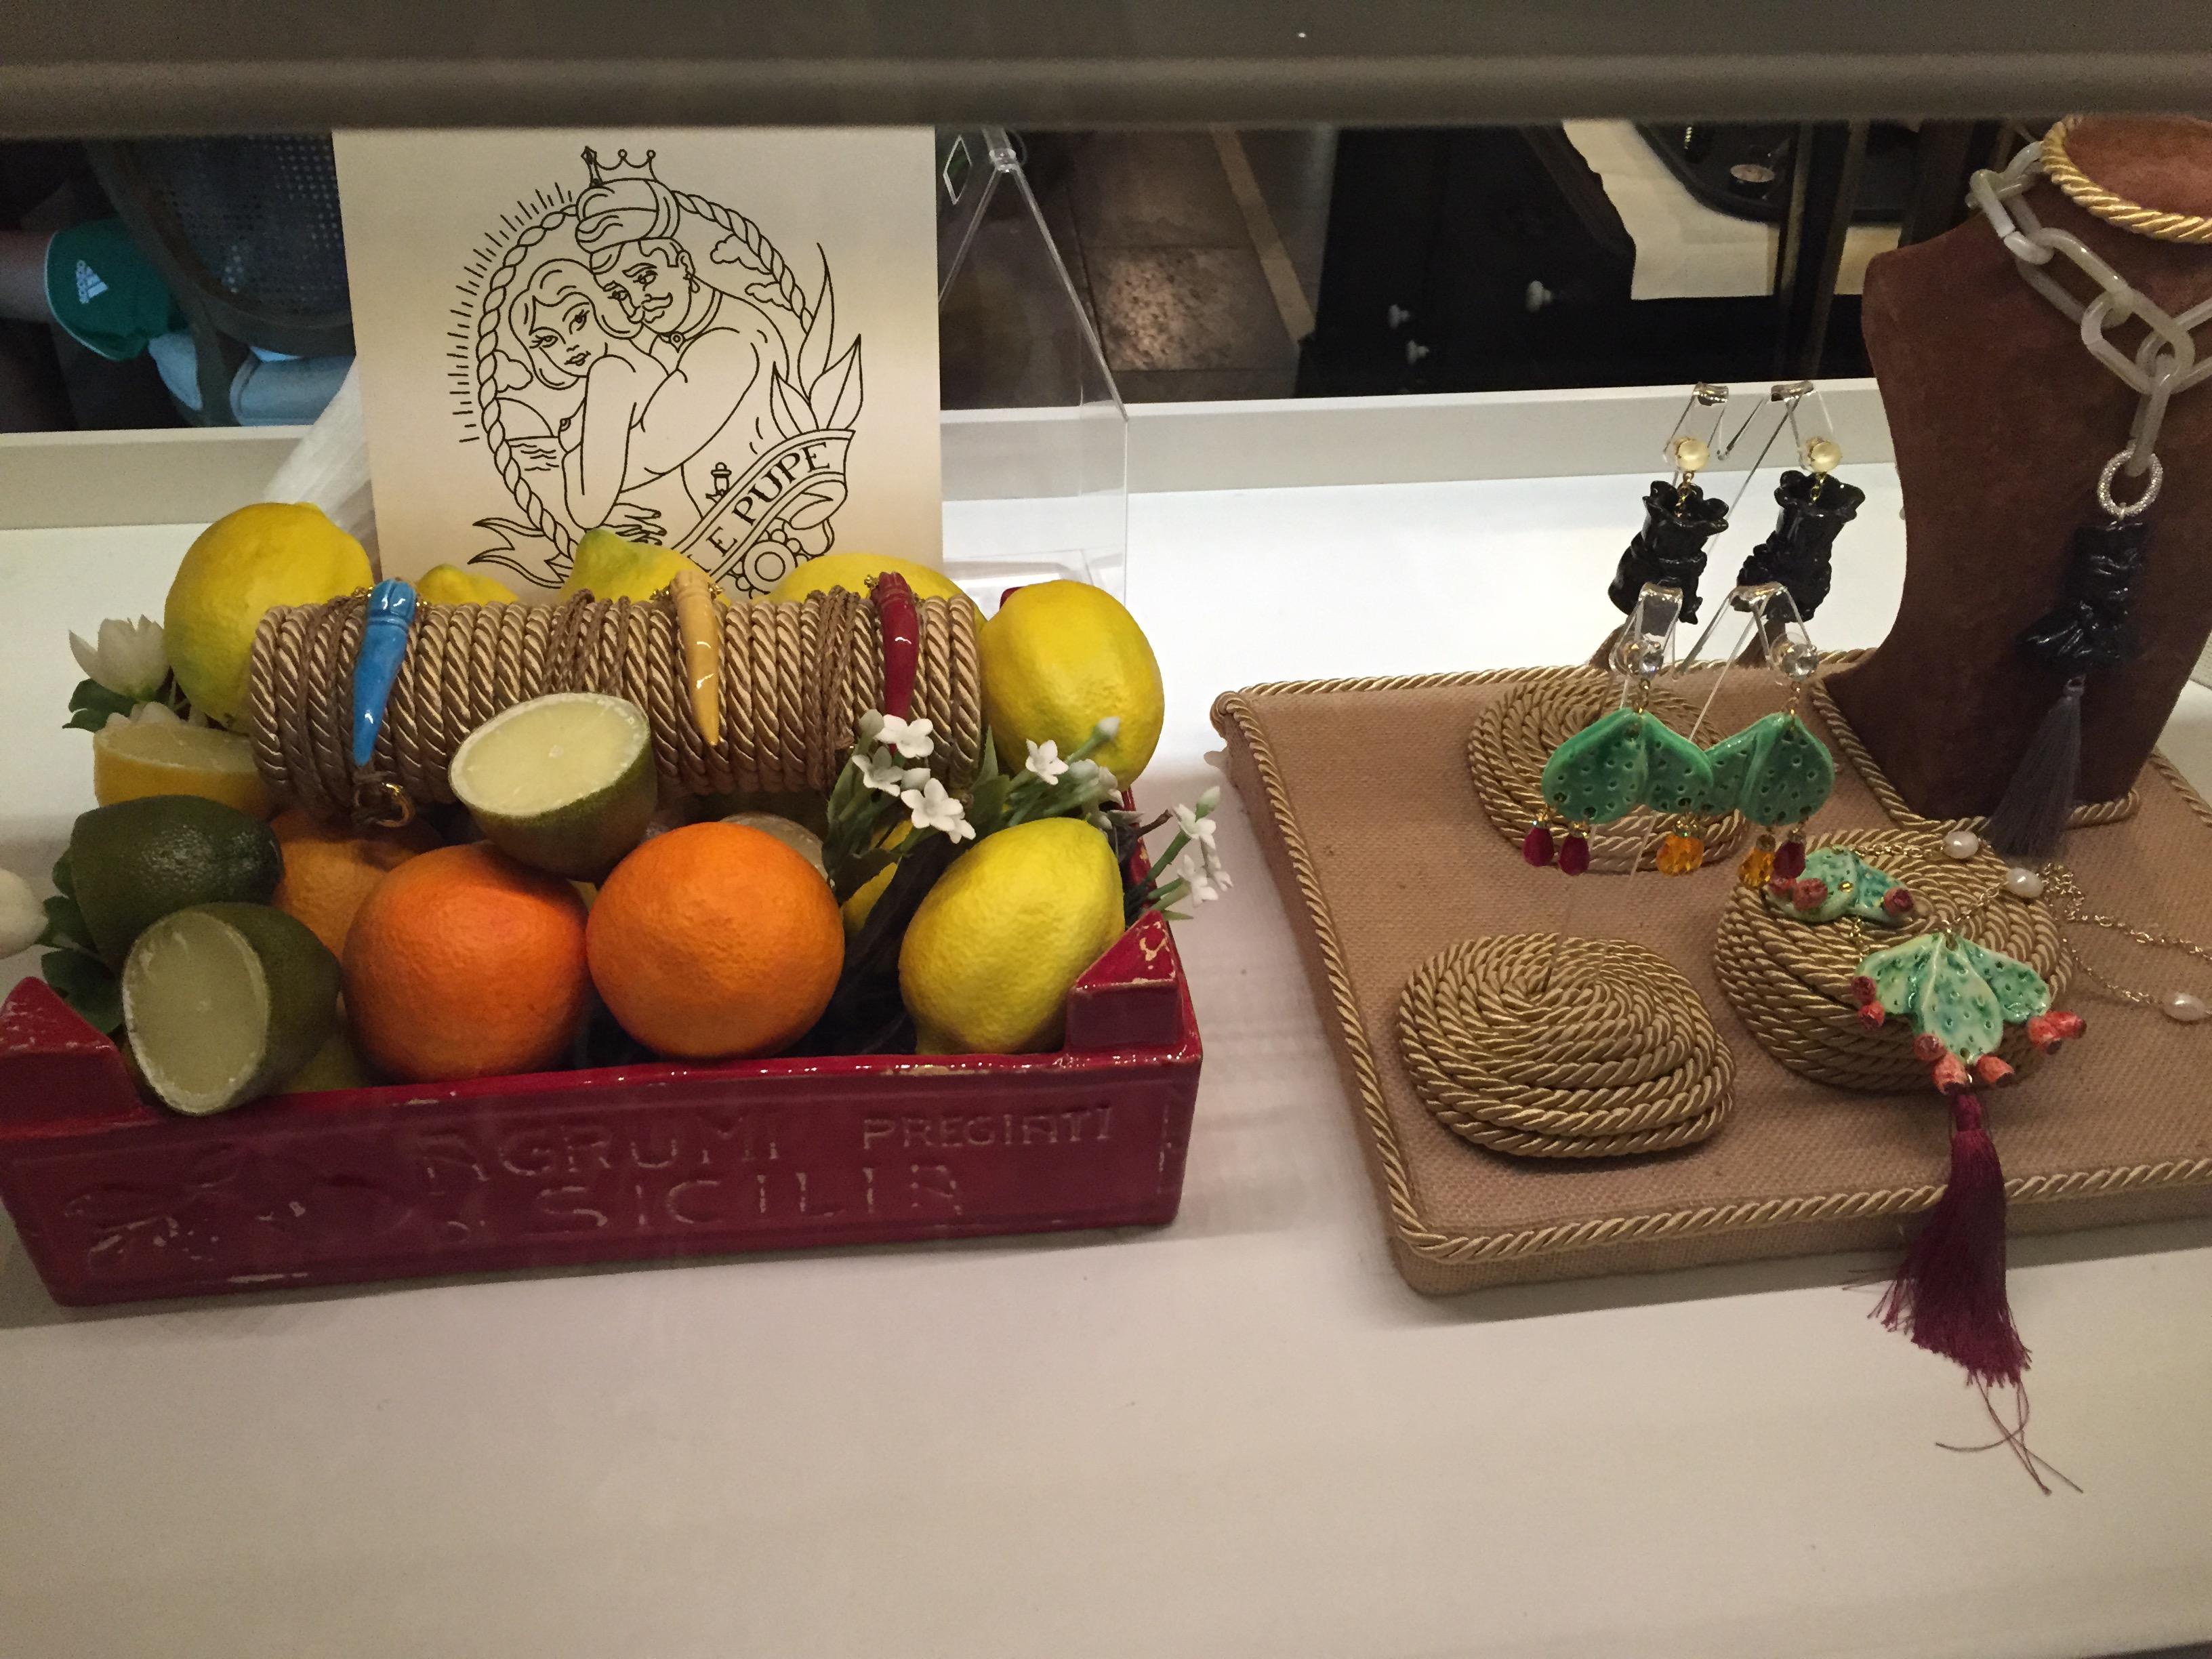 ori e Pupe :Sicilian jewellery brand